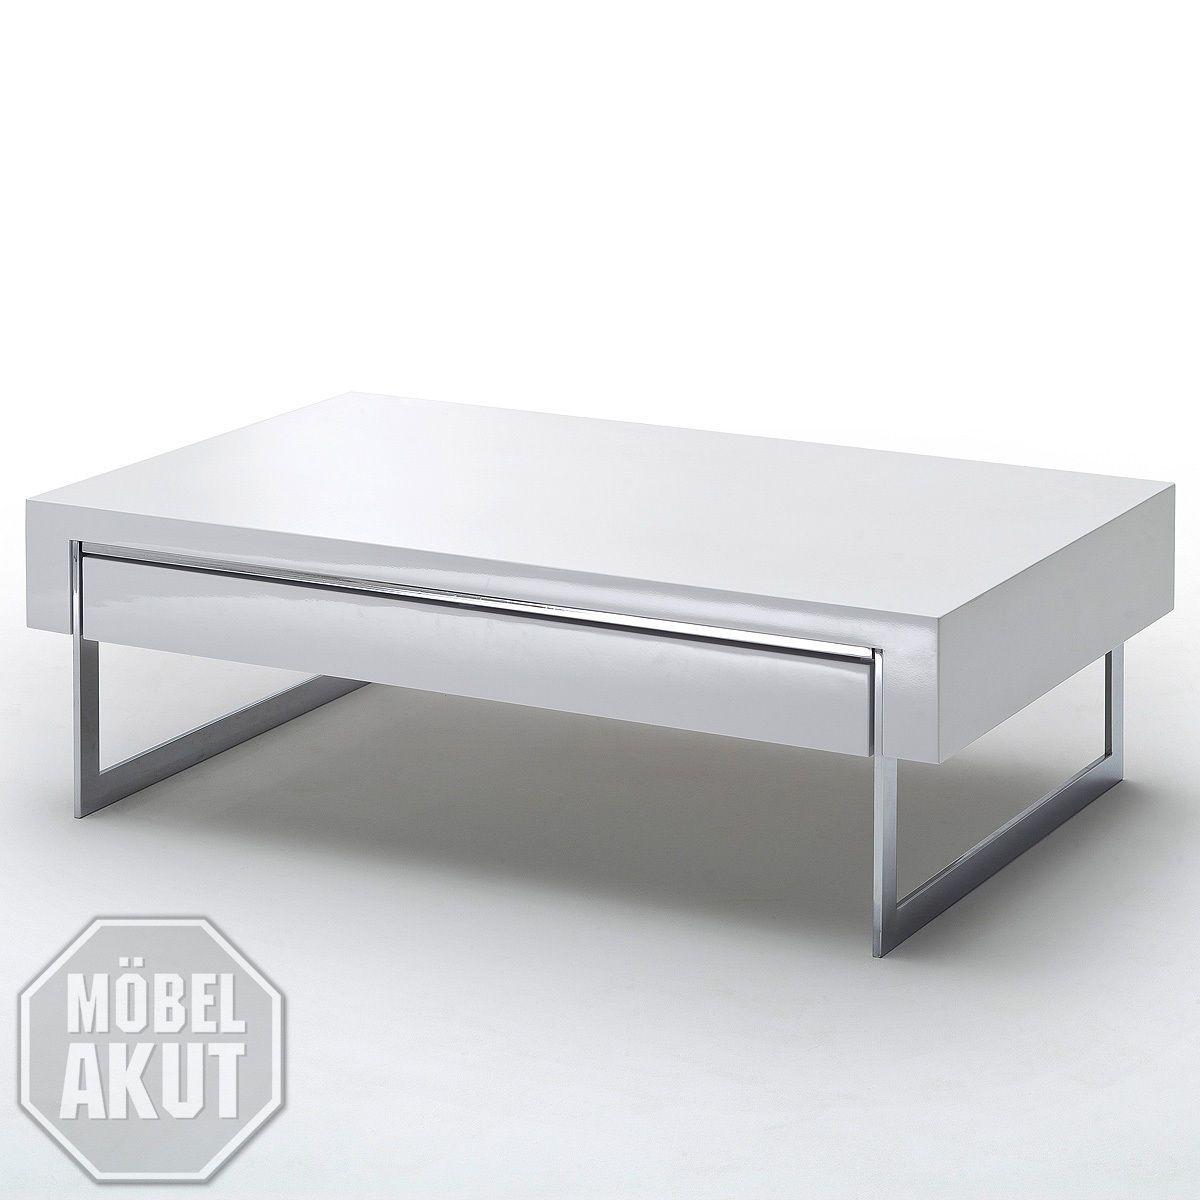 Couchtisch Cooper Beistelltisch Tisch In Weiss Hochglanz Metall Chrom 110 Cm Ebay Couchtische Wohnzimmer Tisch Weiss Couchtisch Modern